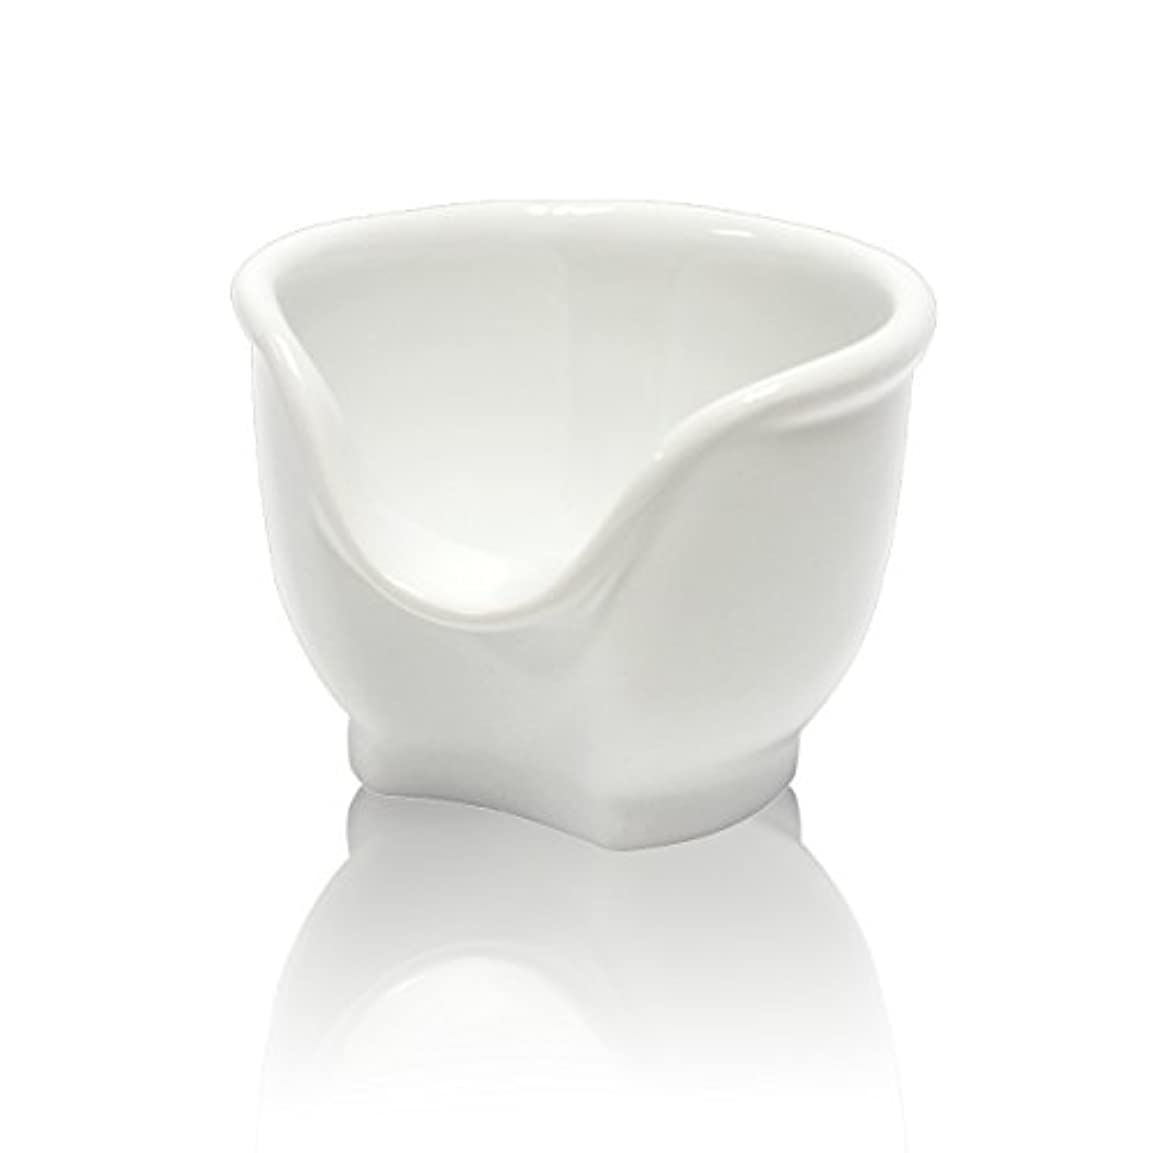 凍った消えるナチュラSignstek 磁器製シェービングカップ シェービングボウル 髭剃り石鹸カップ ホワイト